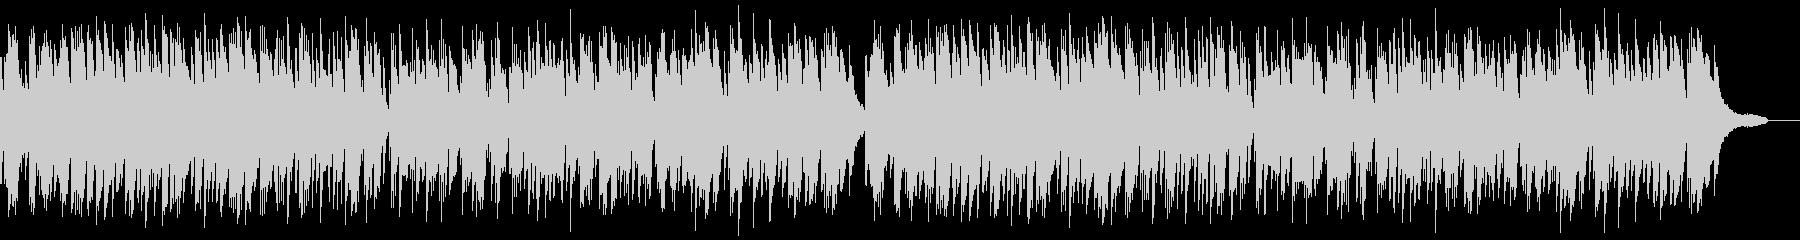 幻想的な、切なく温かなピアノソロの未再生の波形